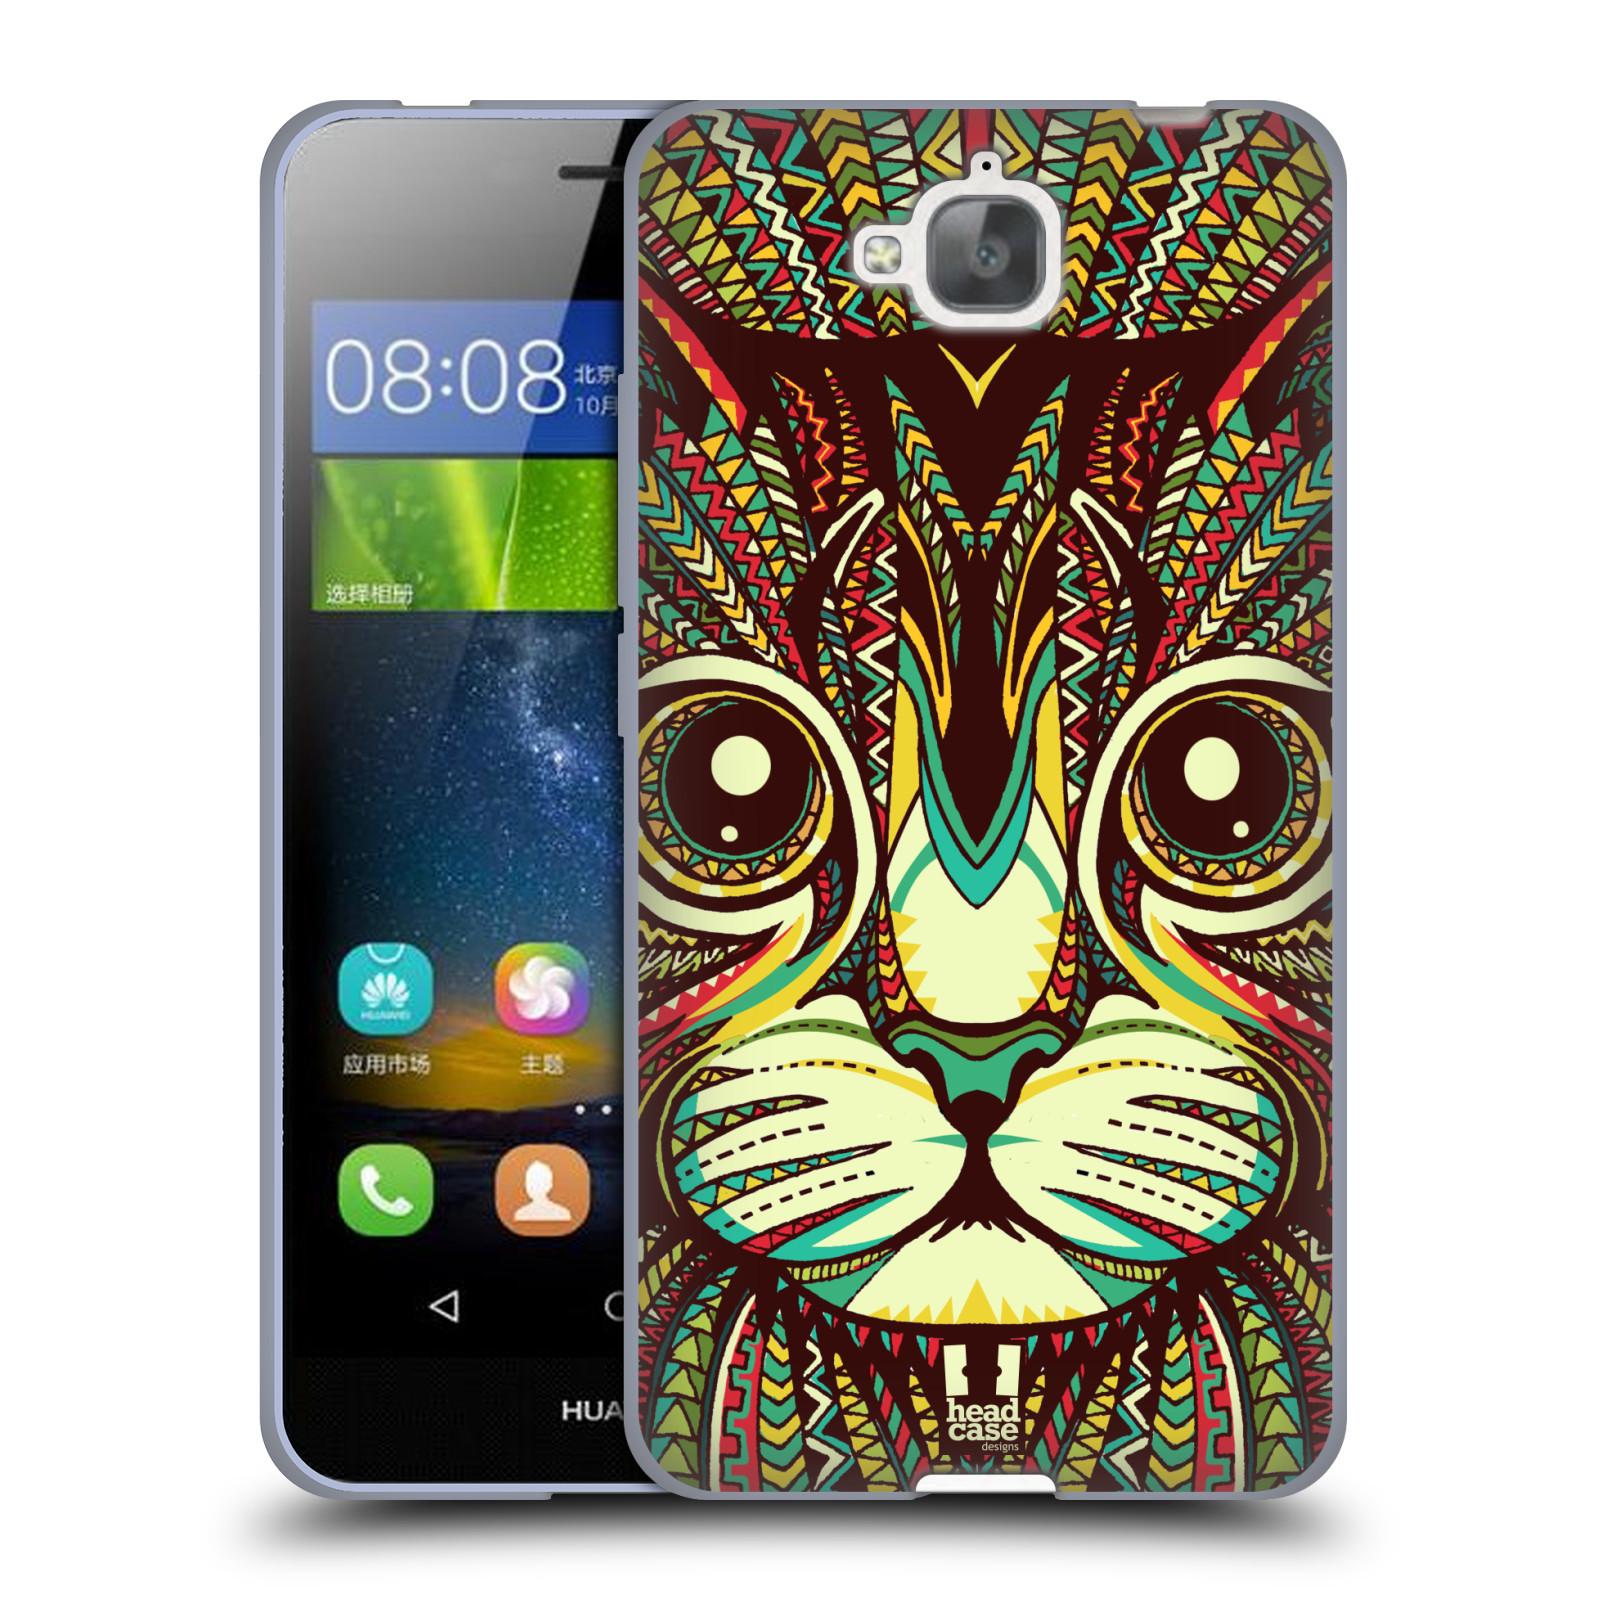 Silikonové pouzdro na mobil Huawei Y6 Pro Dual Sim HEAD CASE AZTEC KOČKA